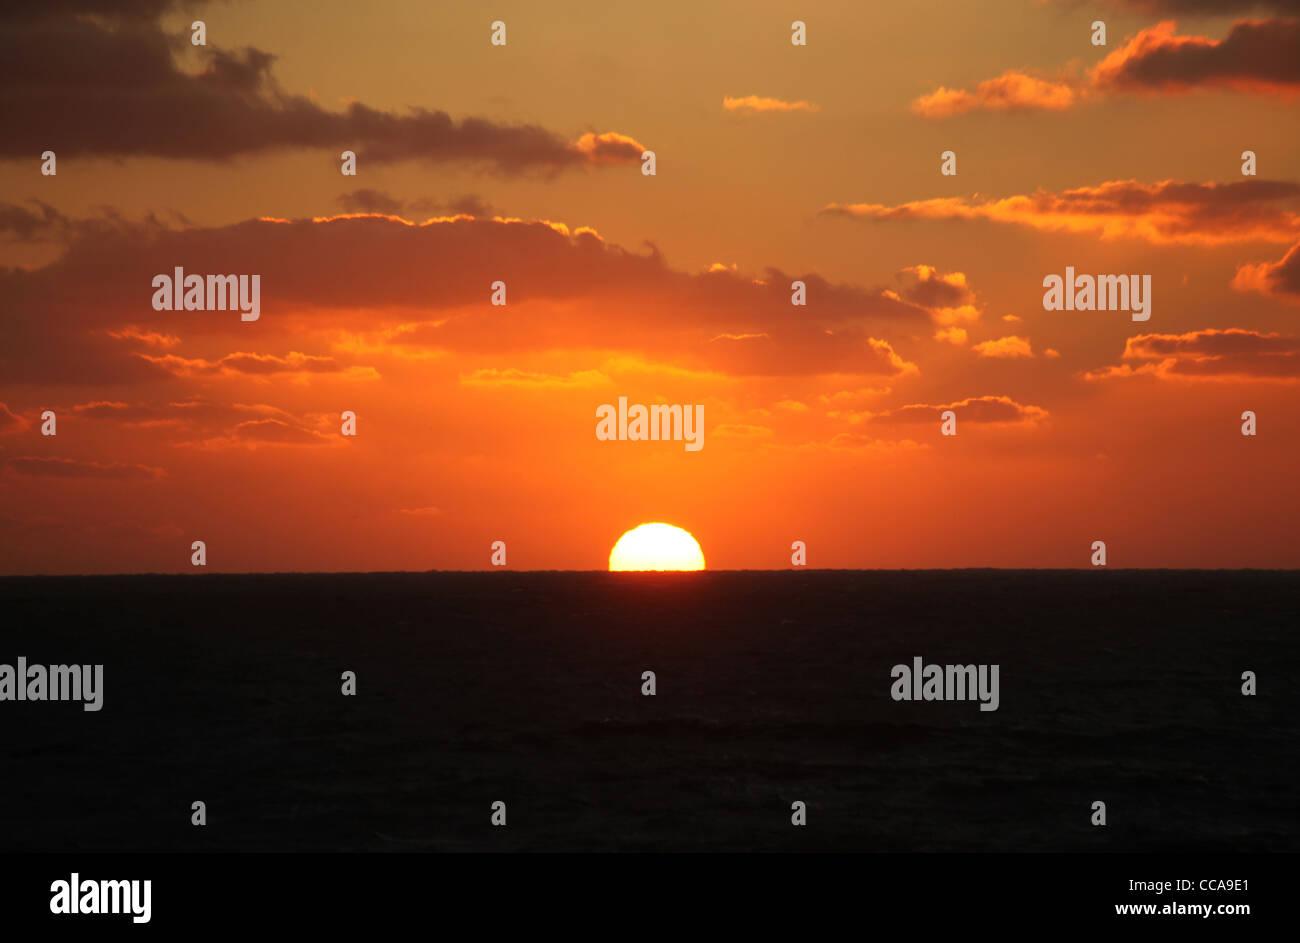 Dawlish Sunrise - Stock Image